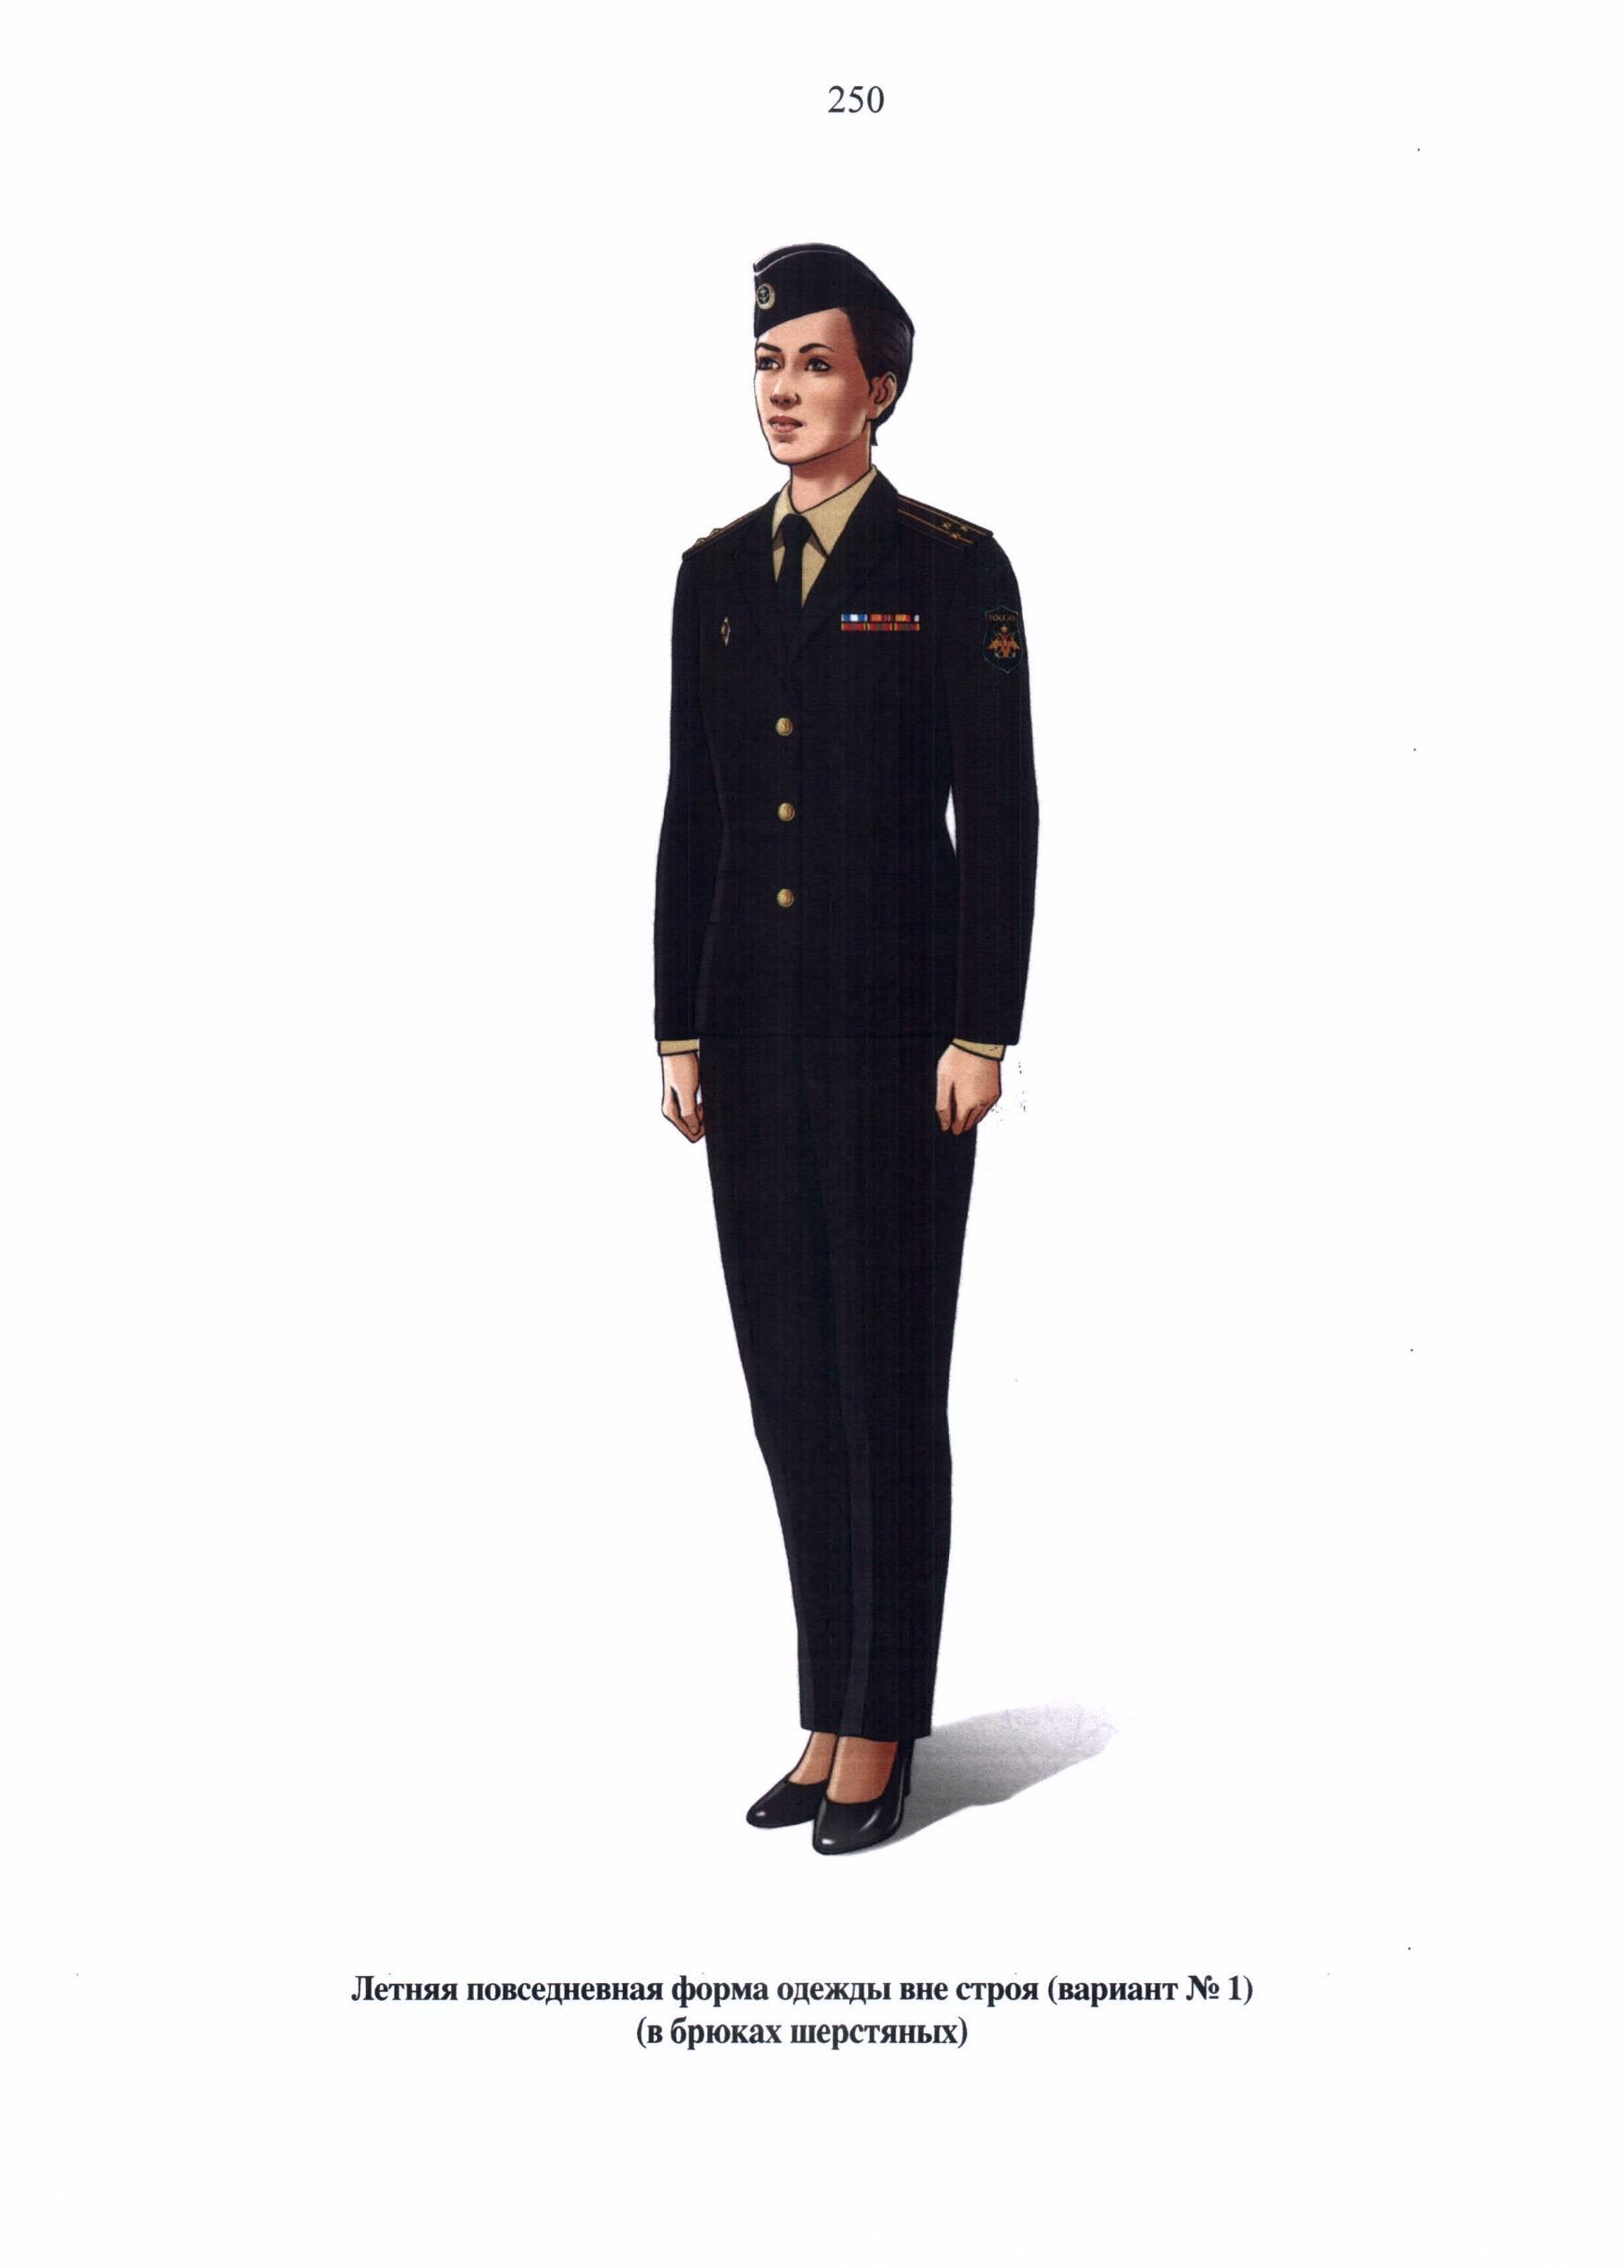 C:\Users\User\Desktop\Приказ МО РФ от 22.06.2015 г. № 300 Правила ношения военной формы одежды\183801.JPG